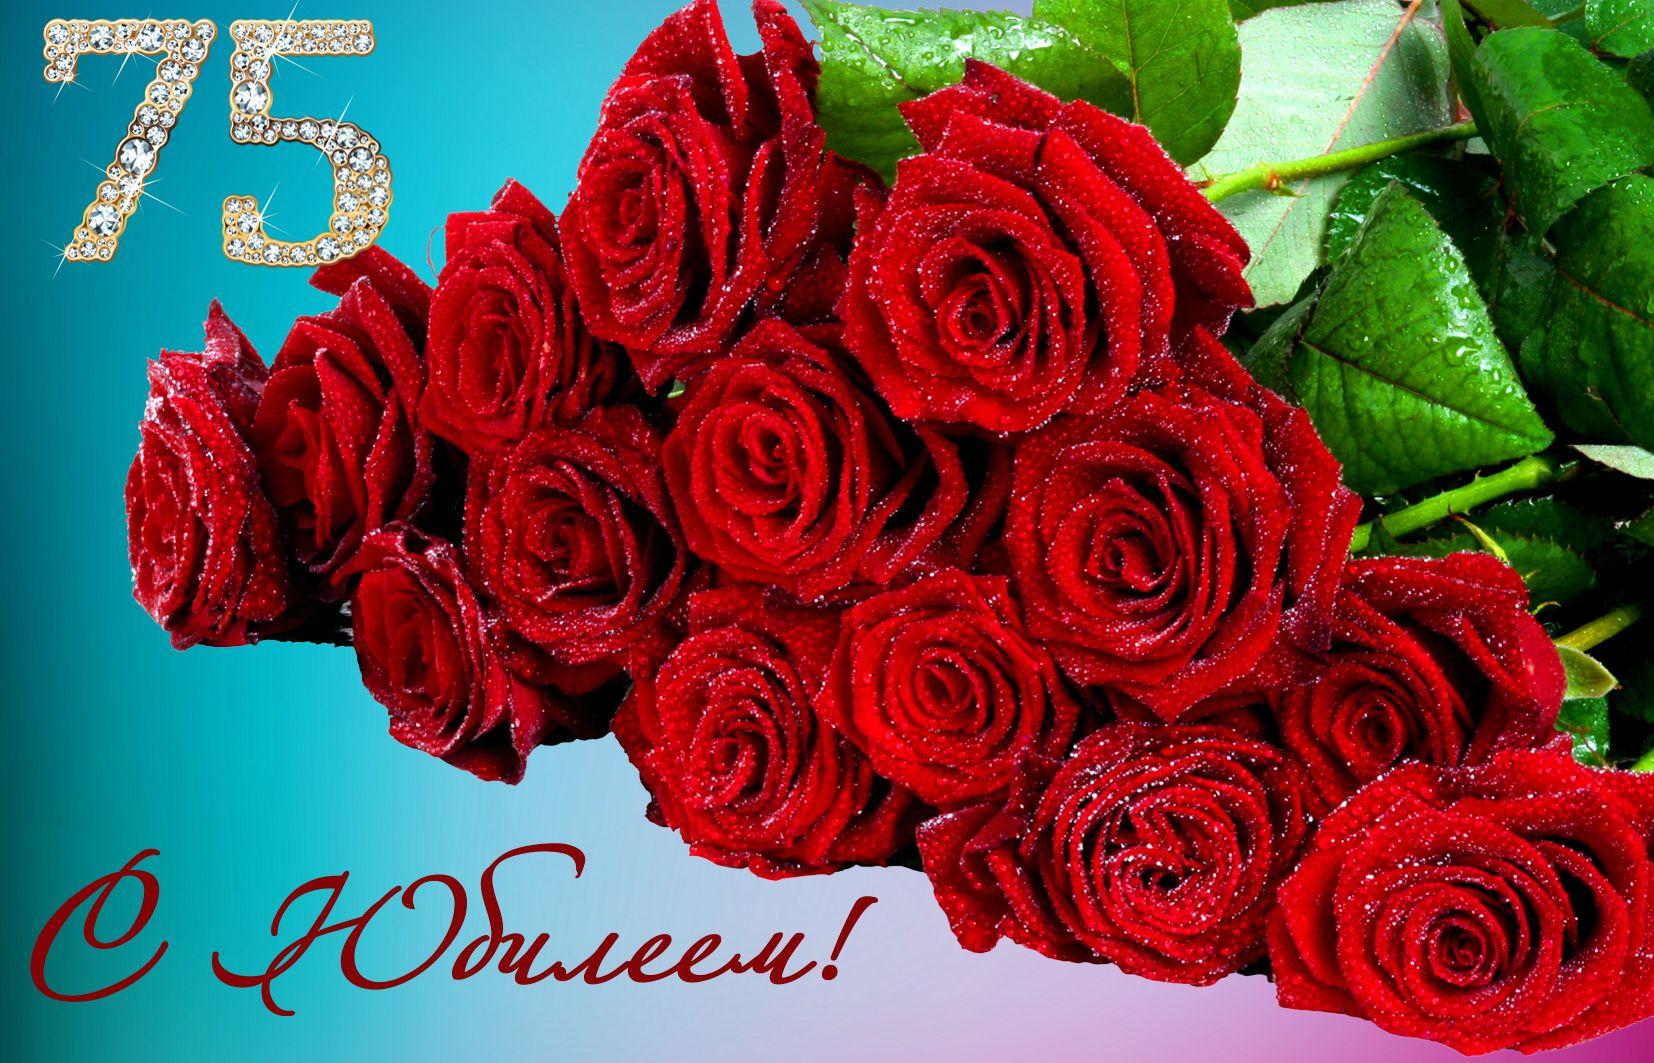 Открытка на юбилей 75 лет - красные розы в блестящих капельках росы